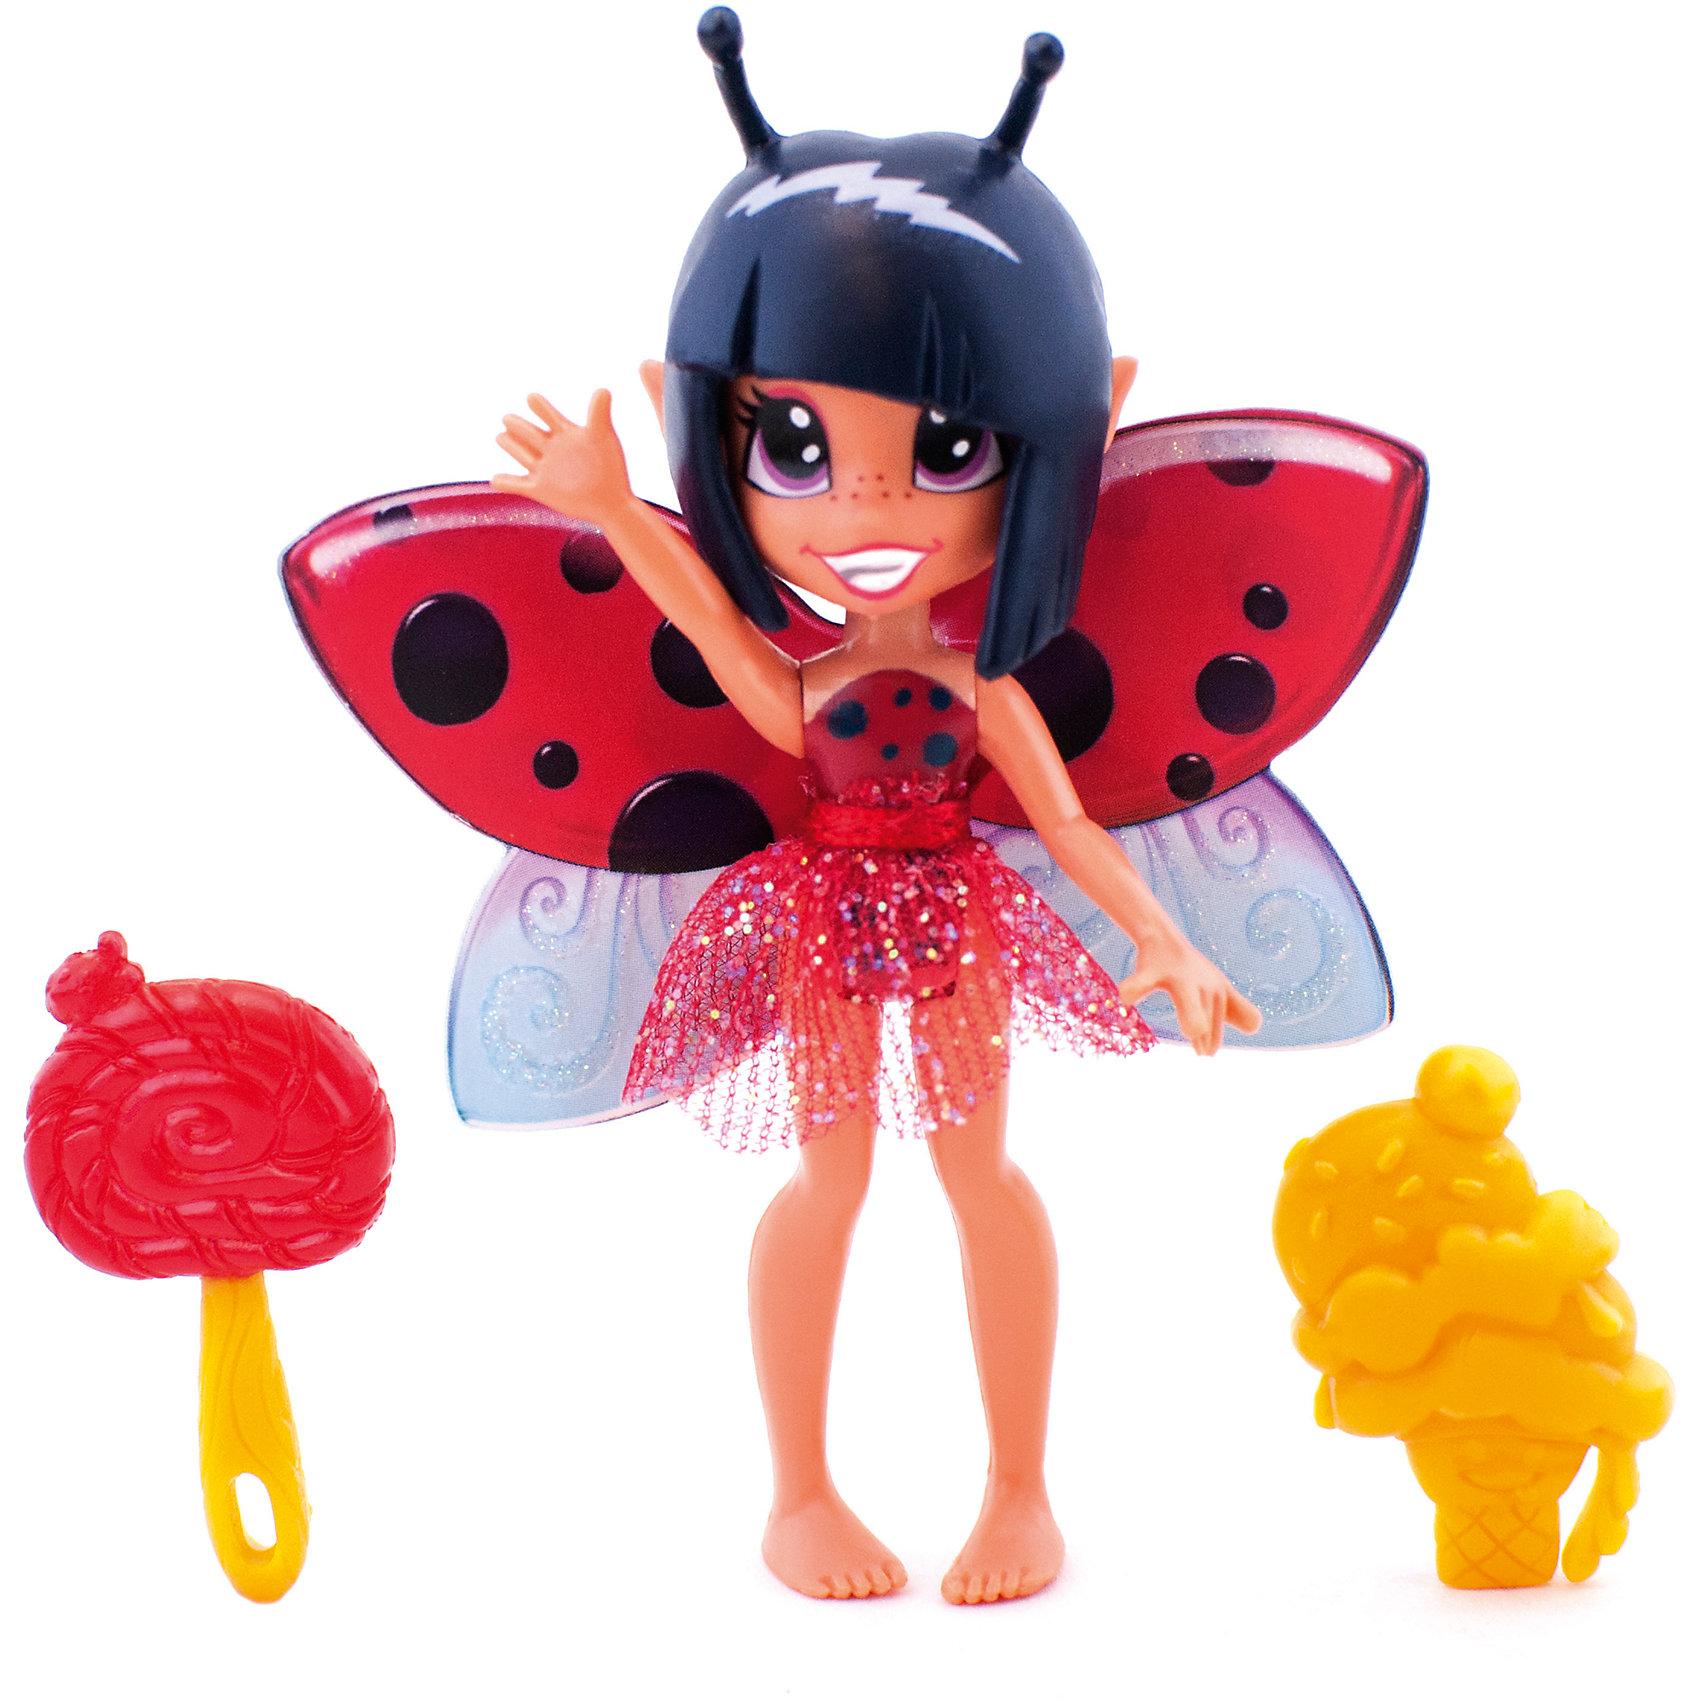 Фея Цветущего Луга Ла-ди, LanardМини-куклы<br>Милая Фея- девочка c характерной внешностью, ярко декорированными крыльями, в прозрачной юбочке. Голова, ручки и ножки двигаются. В наборе тематические аксессуары: мороженное и леденец.<br><br>Ширина мм: 127<br>Глубина мм: 381<br>Высота мм: 190<br>Вес г: 69<br>Возраст от месяцев: 36<br>Возраст до месяцев: 2147483647<br>Пол: Женский<br>Возраст: Детский<br>SKU: 5485117